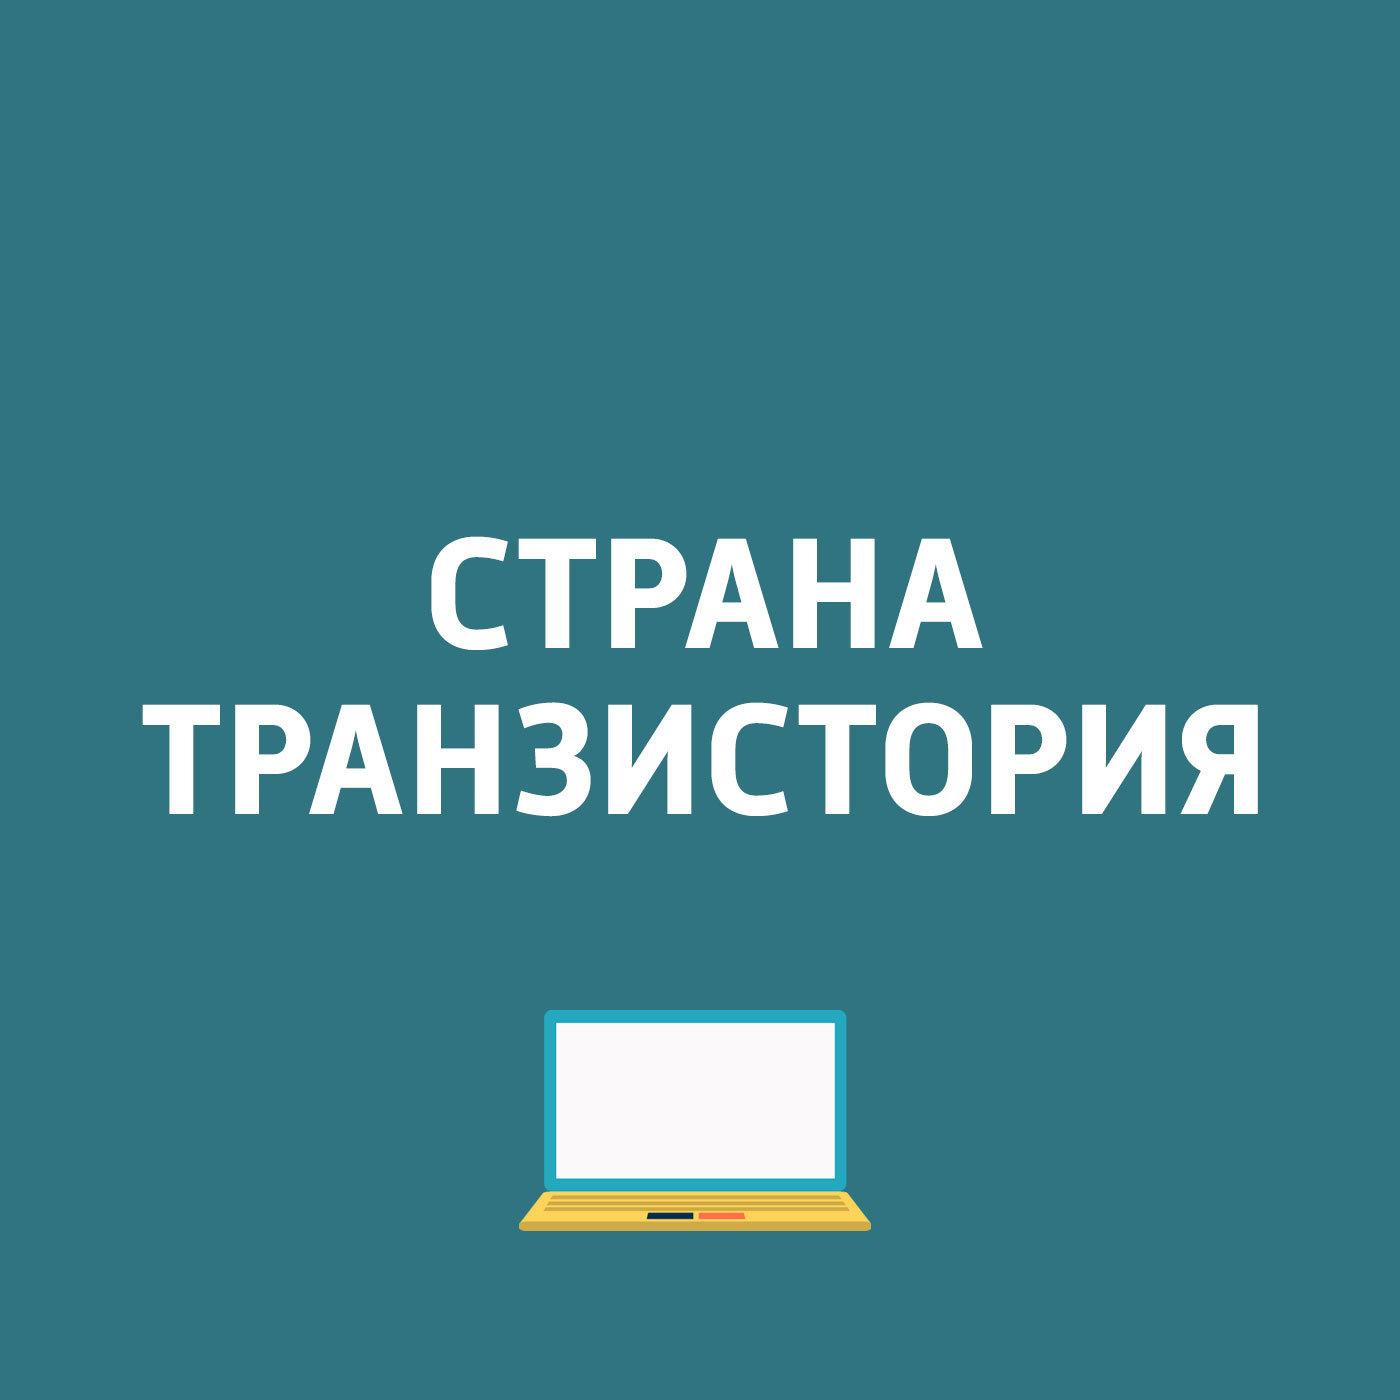 Картаев Павел Новогодние роботы, шлем от Google, переключение профилей в instagram